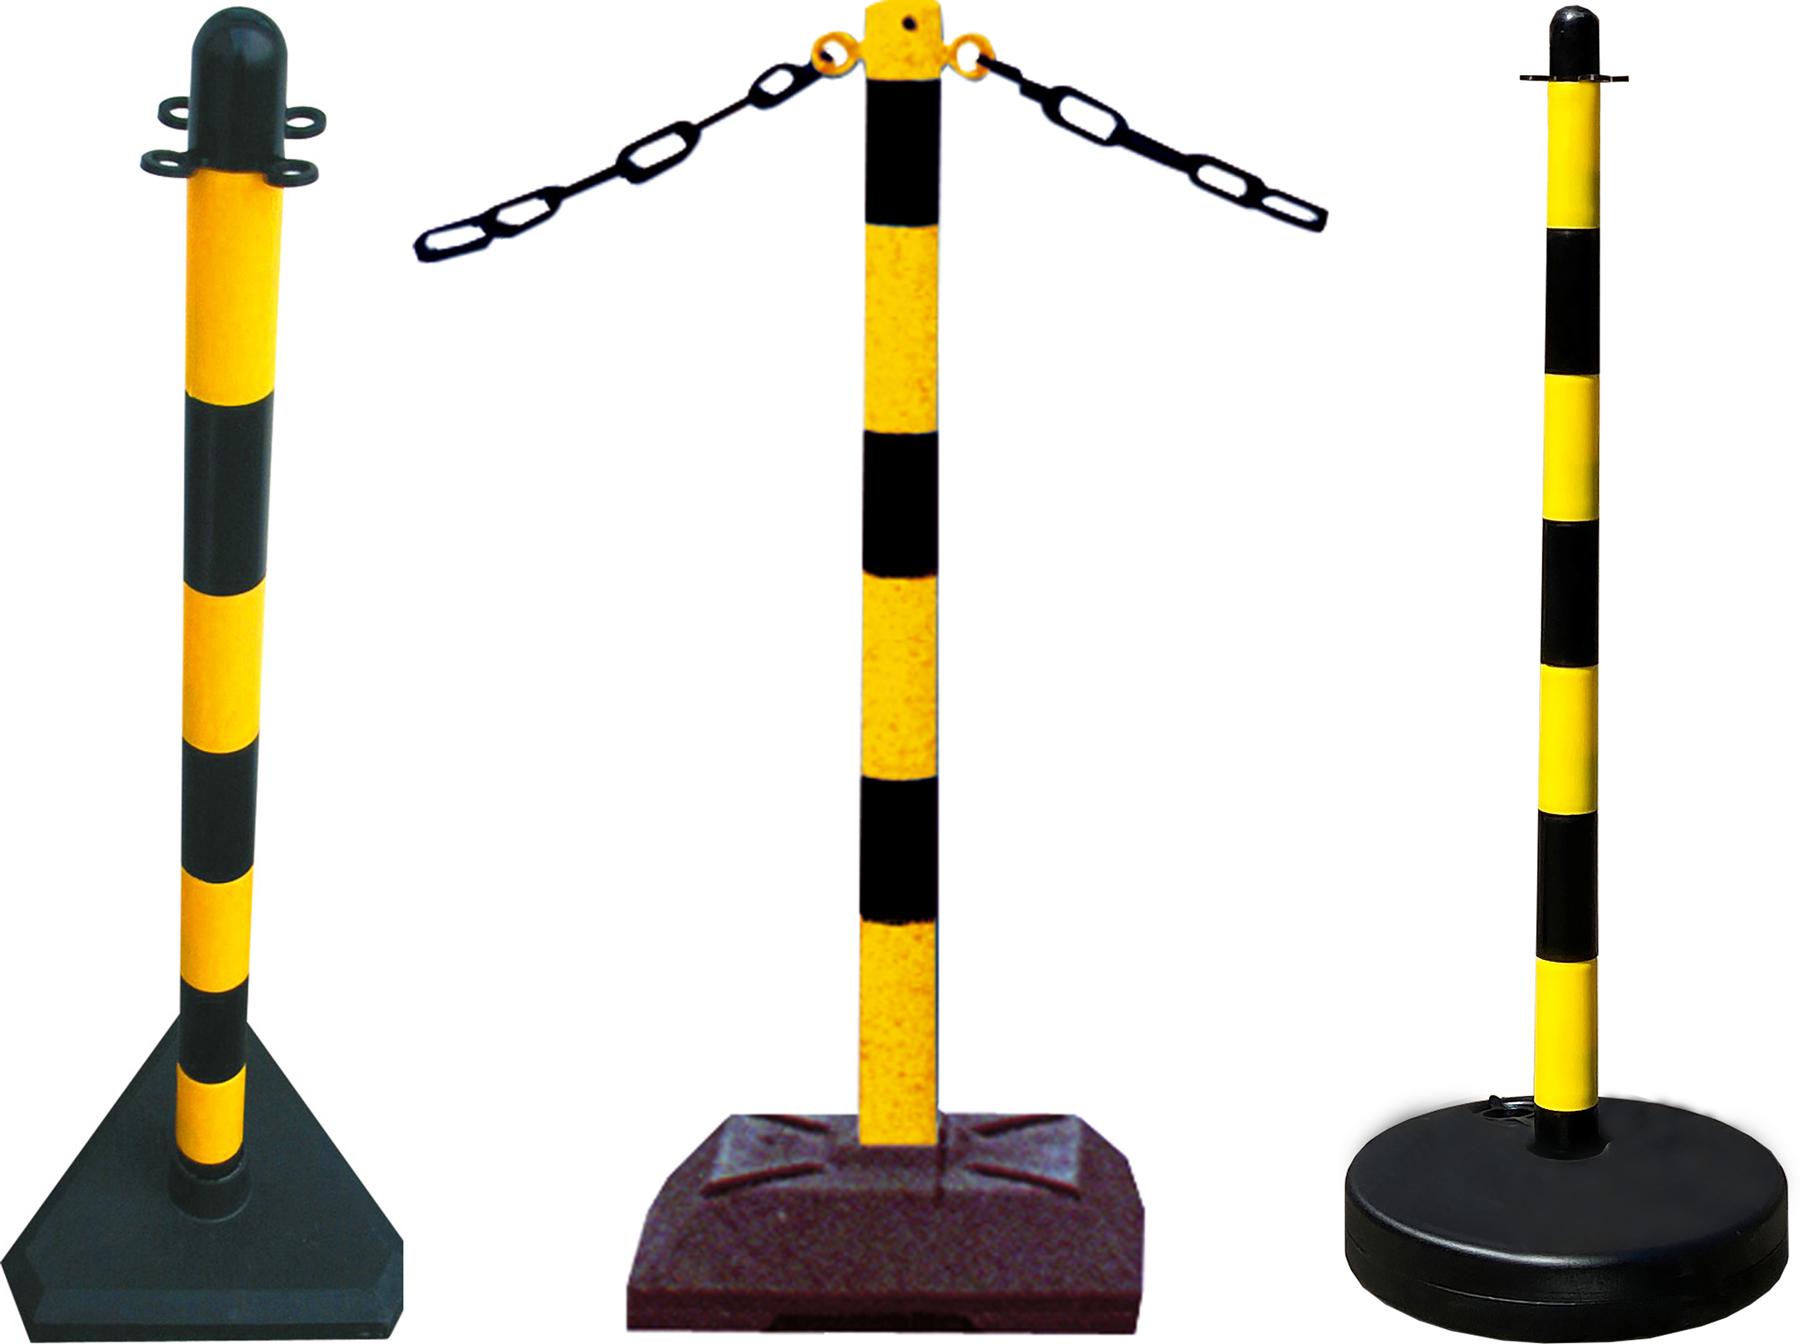 Schake Kettenständer gelb | schwarz